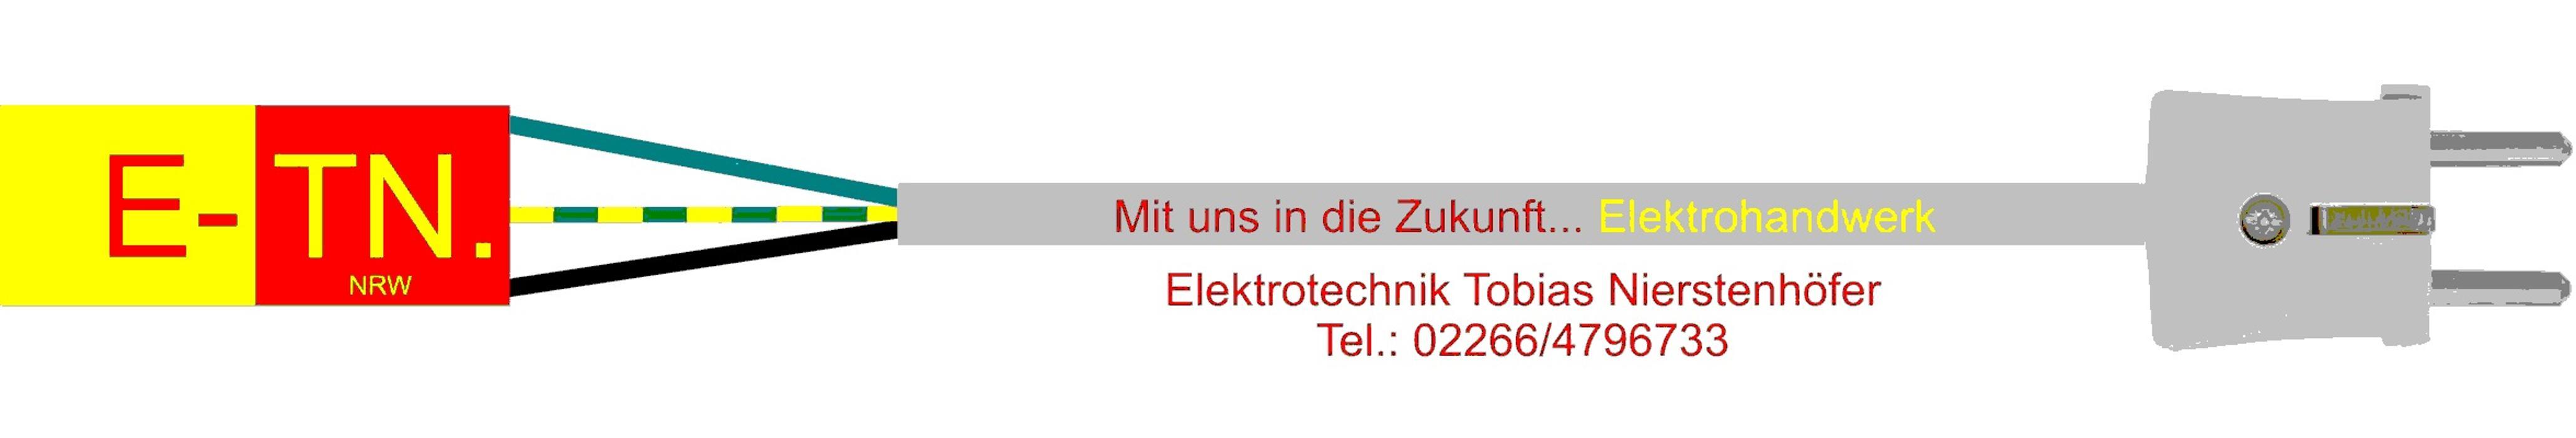 Bild zu Elektrotechnik Tobias Nierstenhöfer in Gummersbach